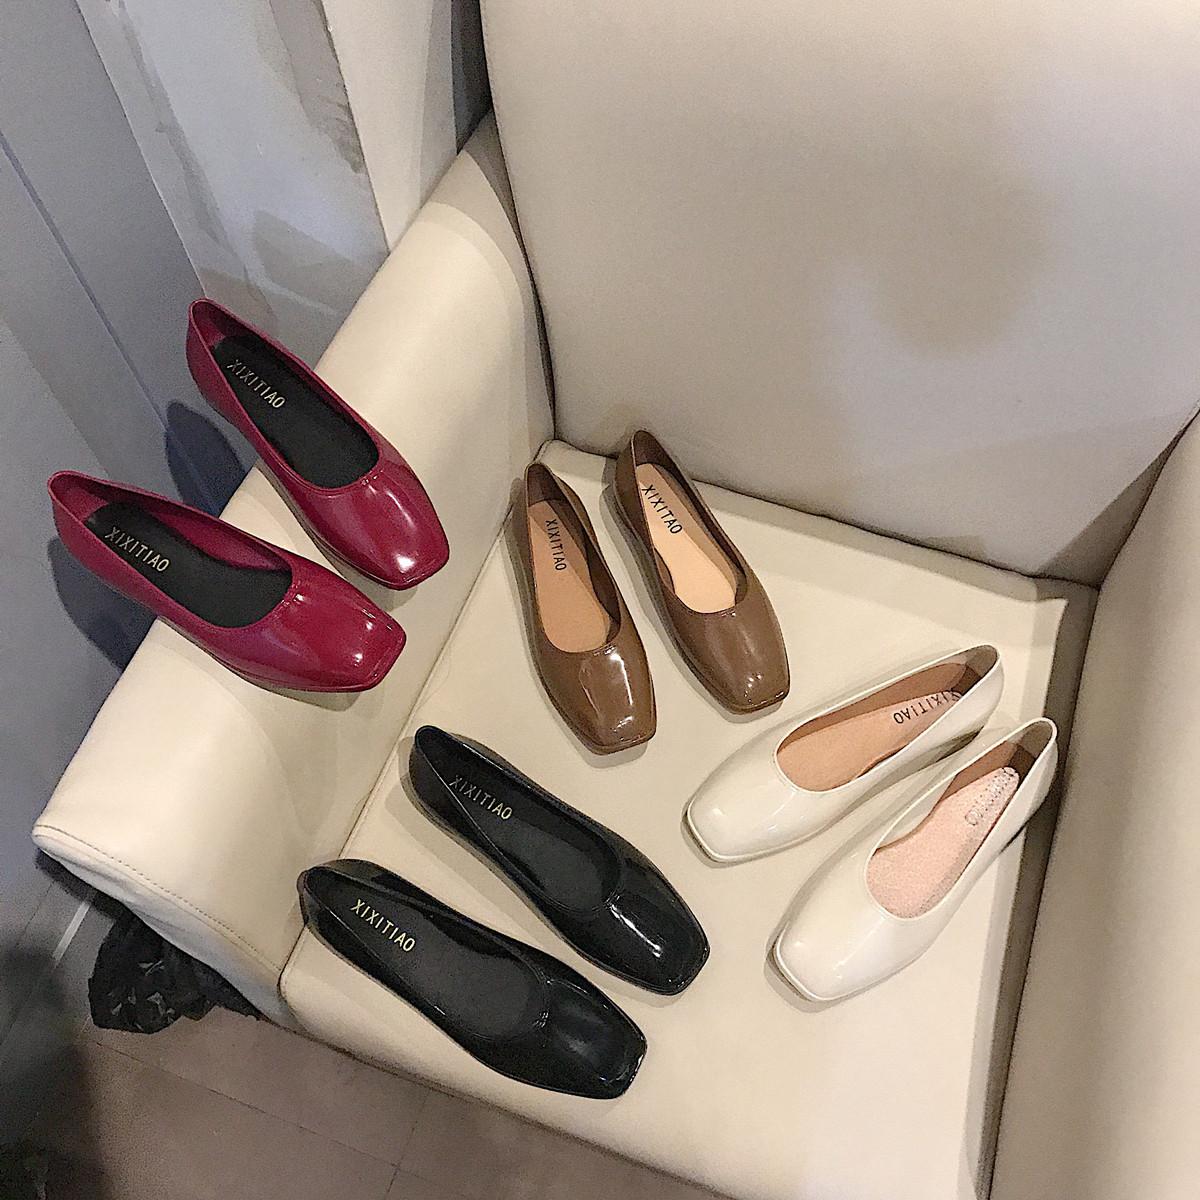 2019新款复古方头浅口单鞋女奶奶鞋纯色休闲平底鞋防滑软底豆豆鞋